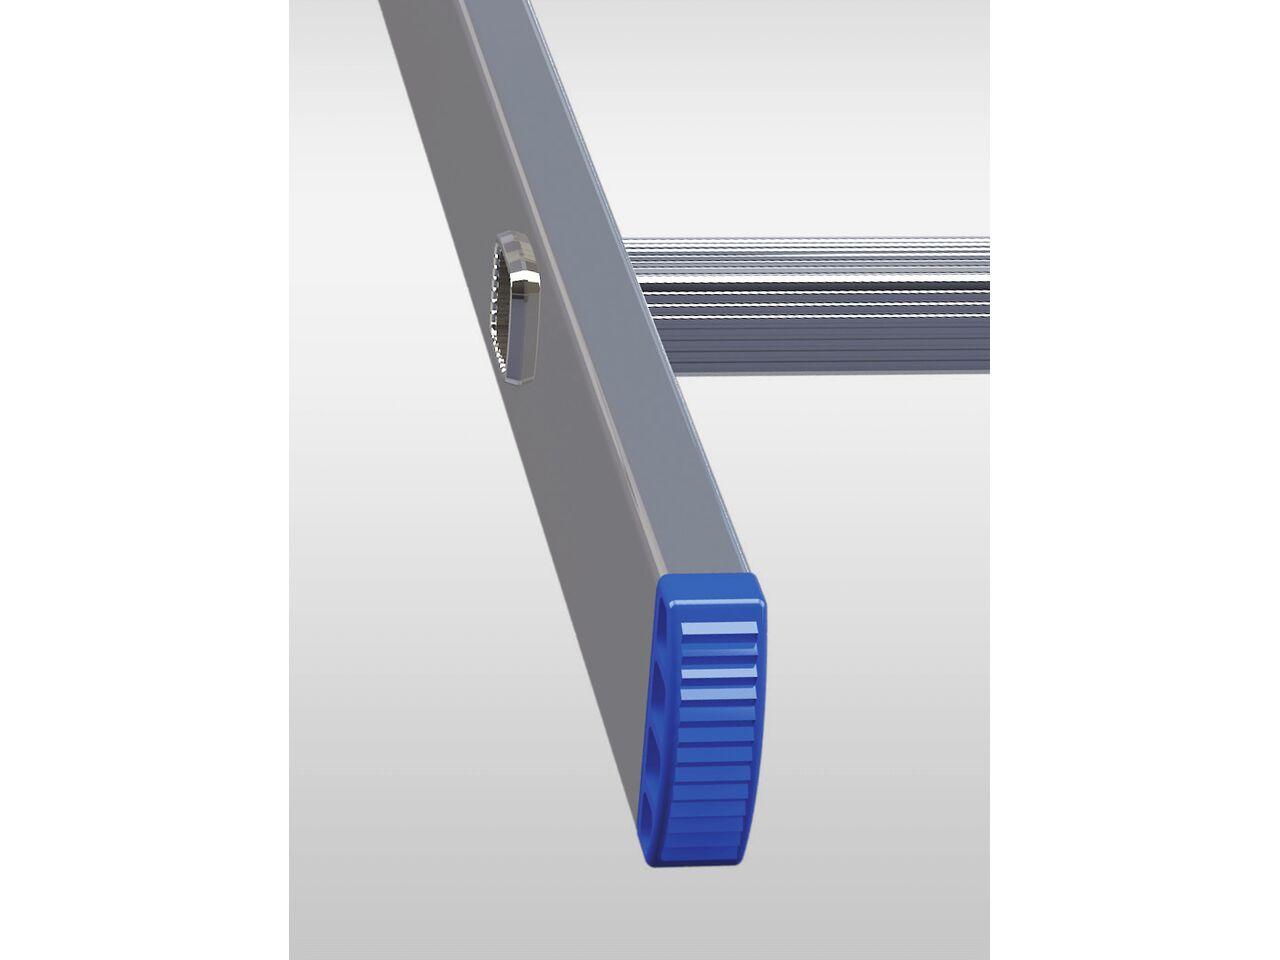 Односекционная алюминиевая лестница ELKOP VHR 1x15 HK